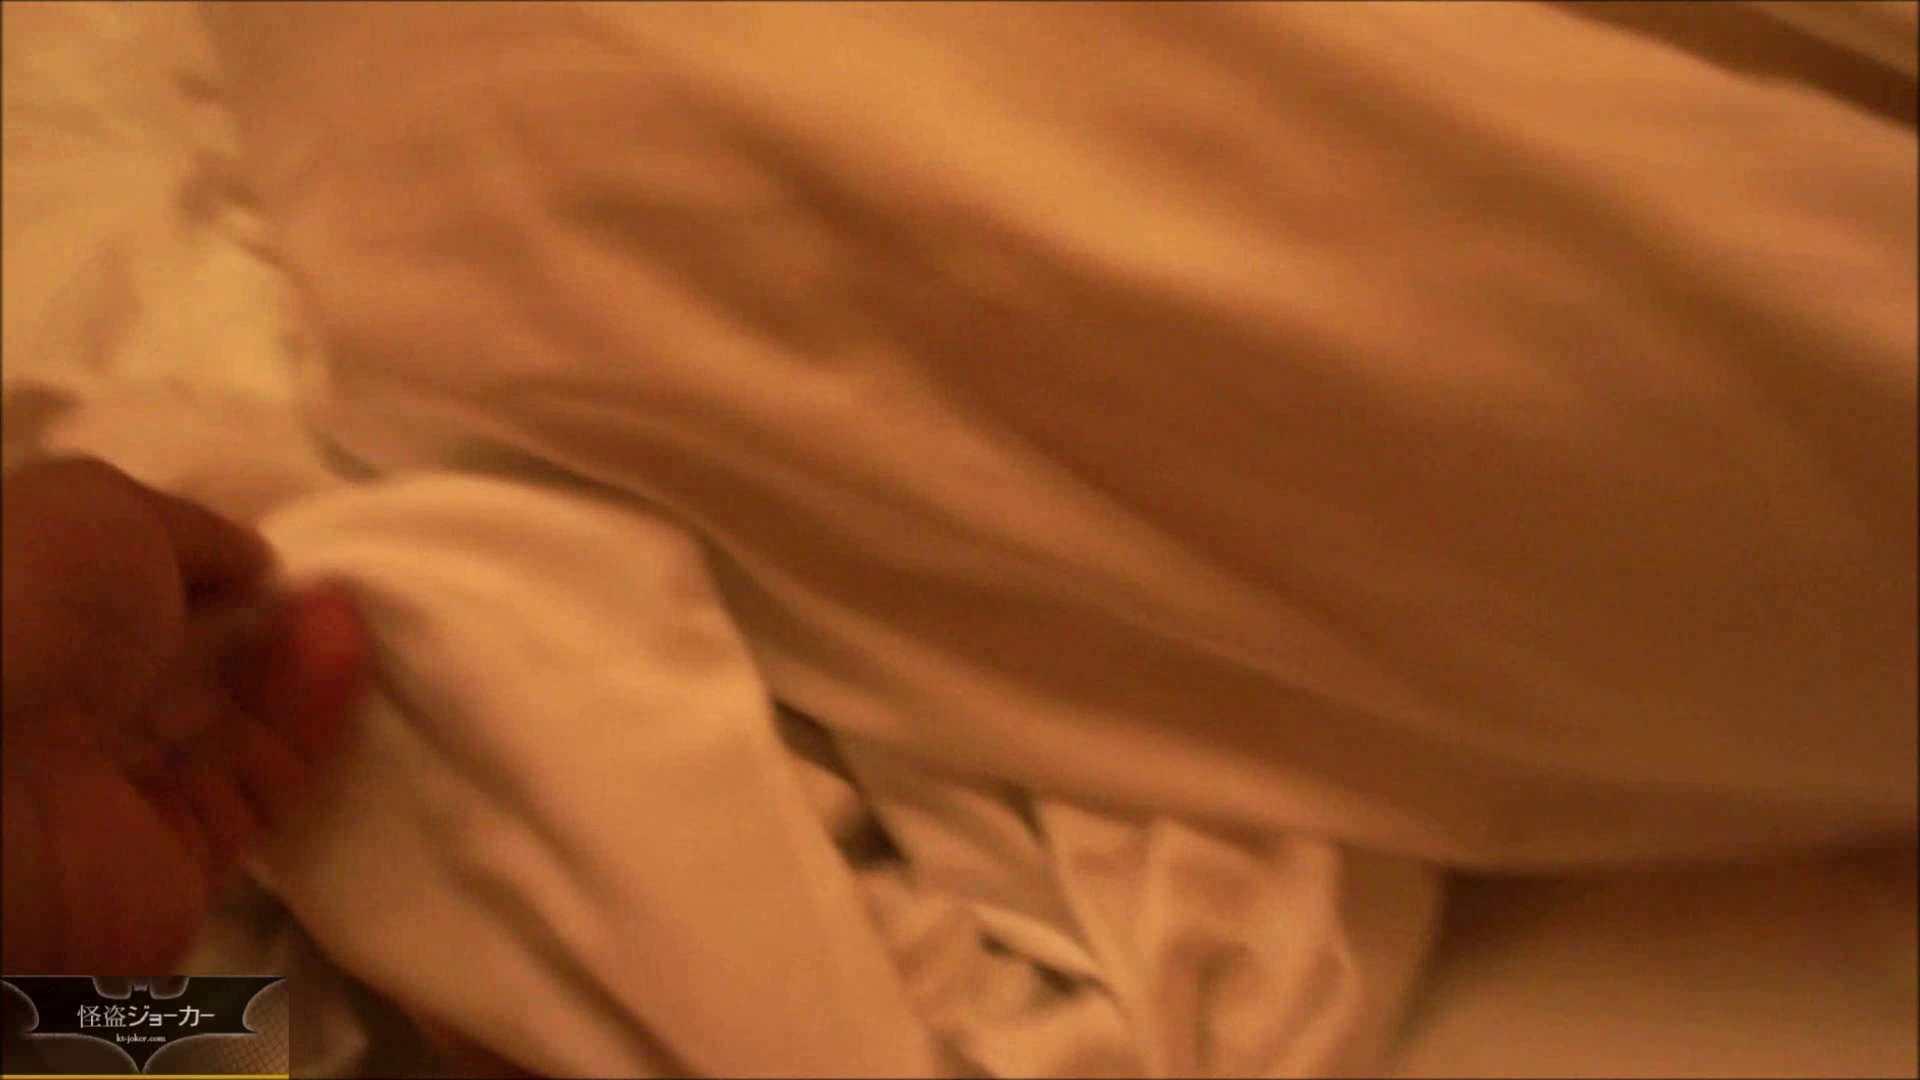 【未公開】vol.31 朋葉を目民り姫にして味比べ・・・ 肛門流出 | OL女体  95連発 40